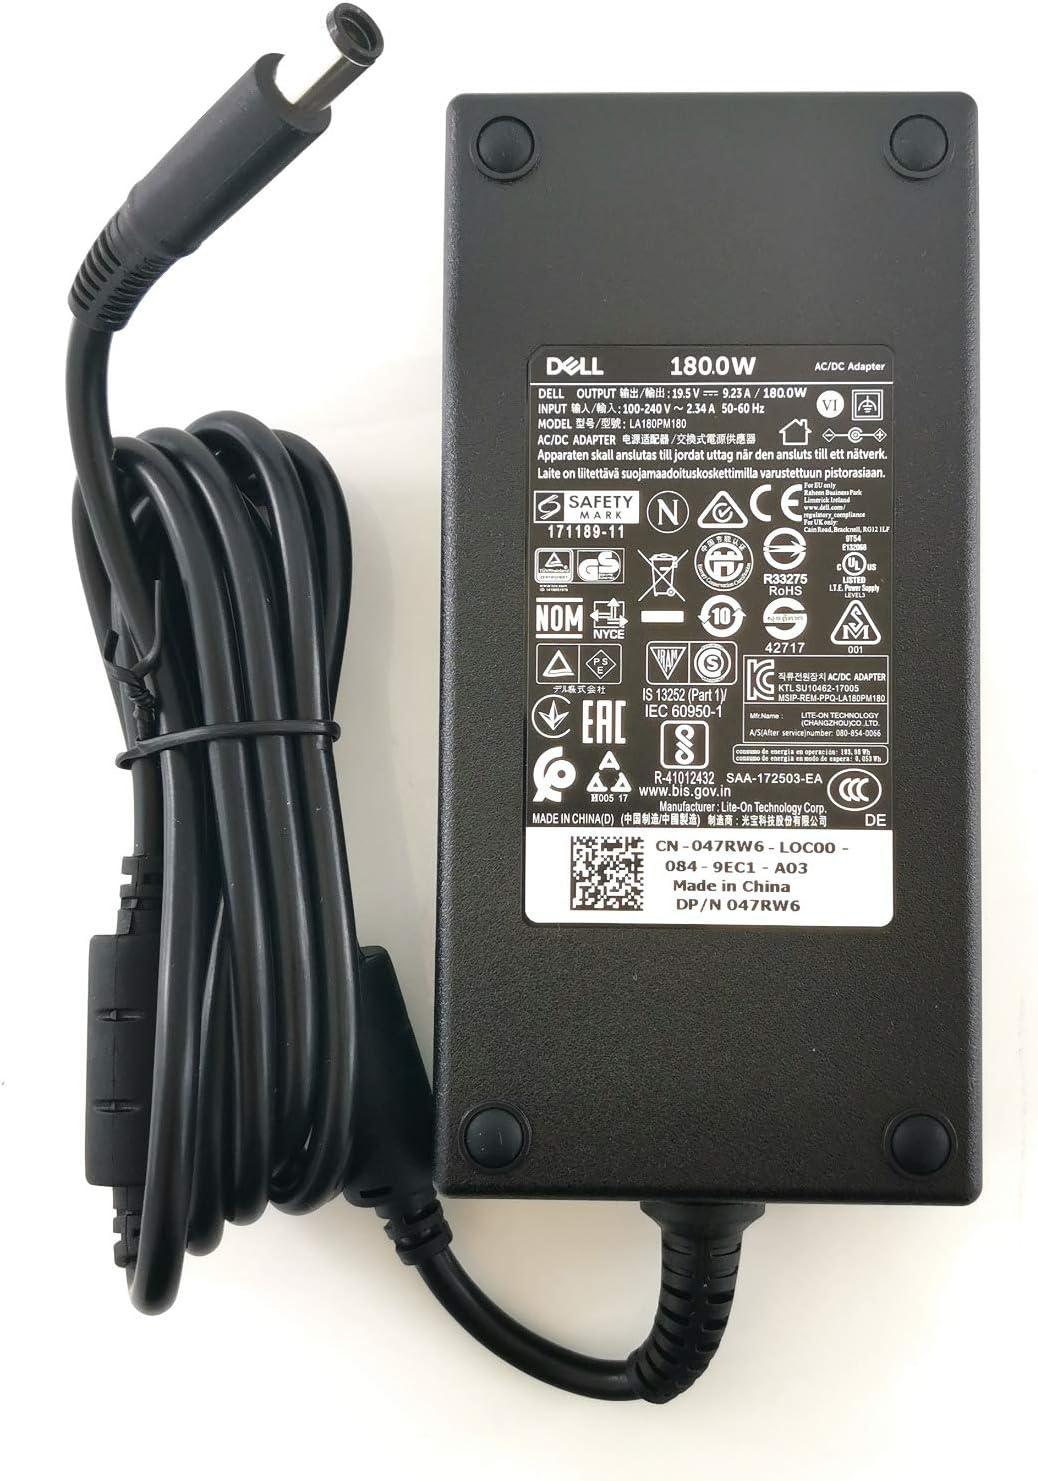 71KCRv qntL. AC SL1500